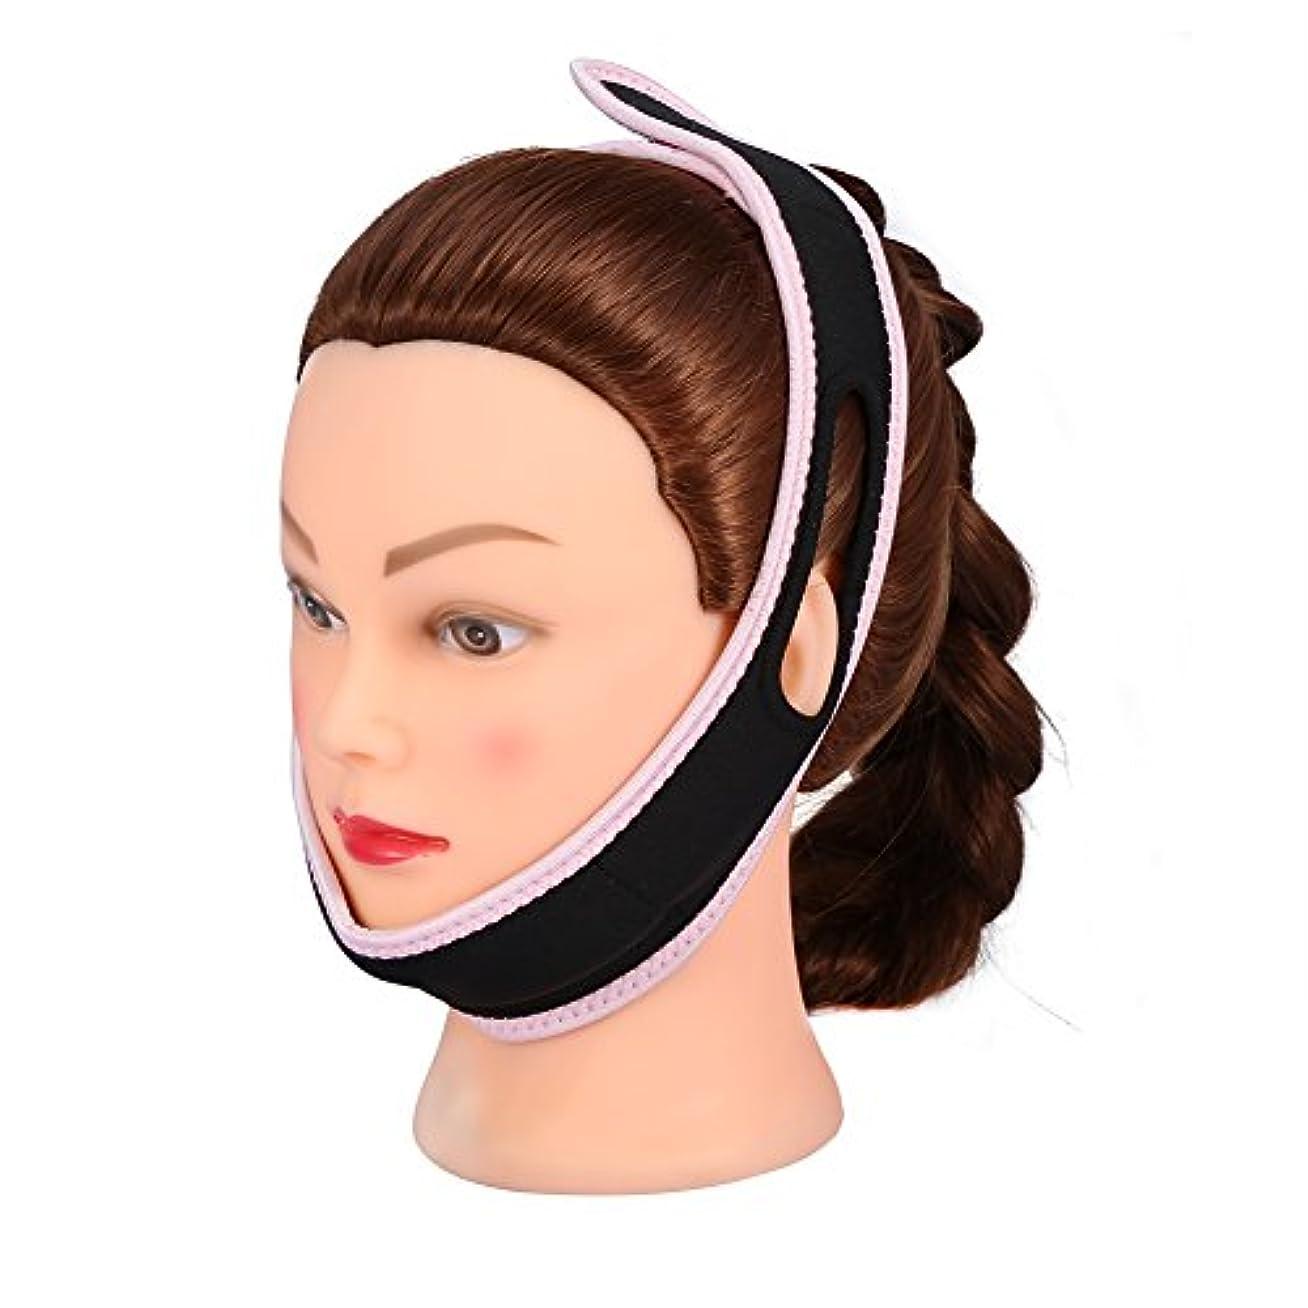 推定該当する踏み台顔の包帯フェイシャルスリミングマスクナイロン&ポリエステルフェイスケアのための薄い首の顔リフトダブルチン女性、黒